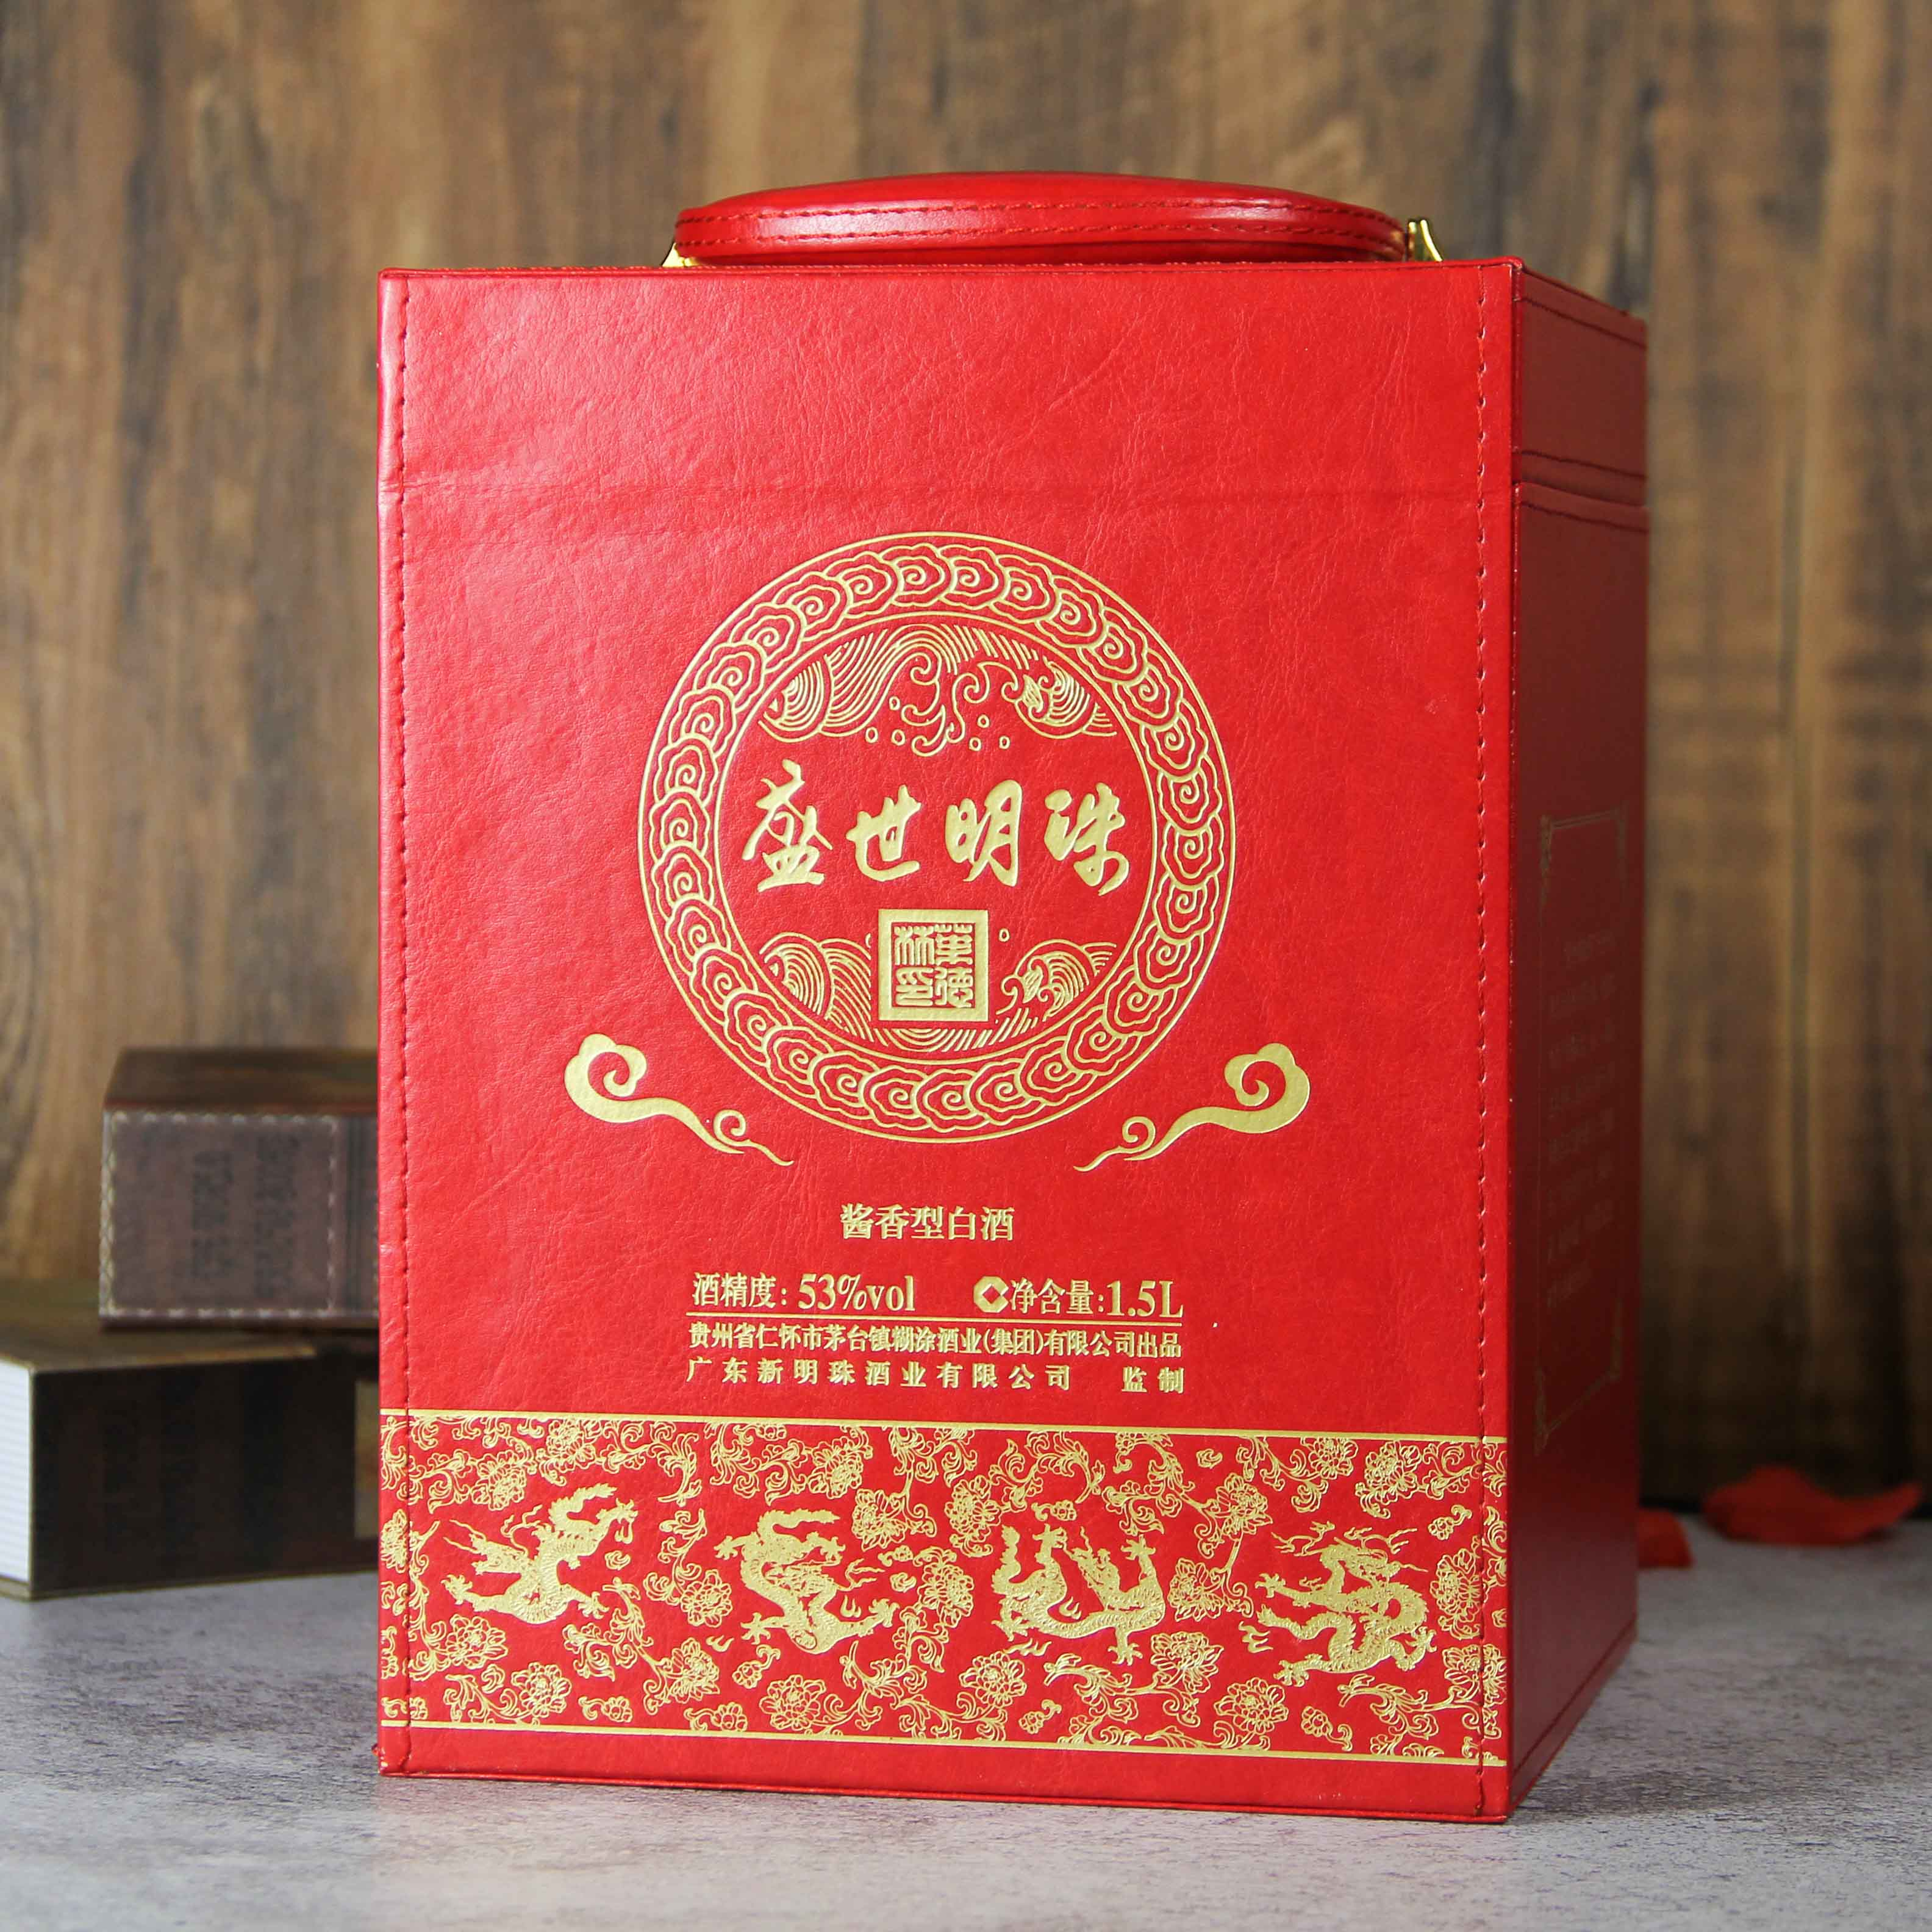 中国贵州茅台镇盛世明珠坛酒酱香型白酒1.5L